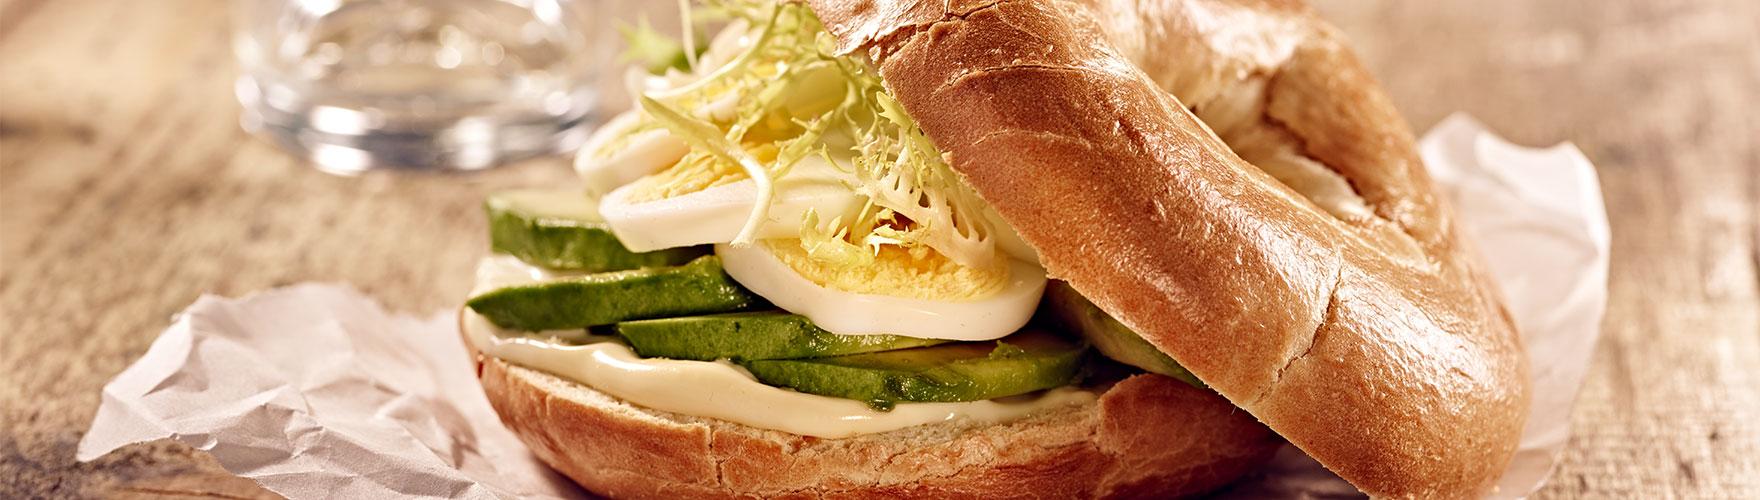 Rosca de pan con ERU Edam y aguacate